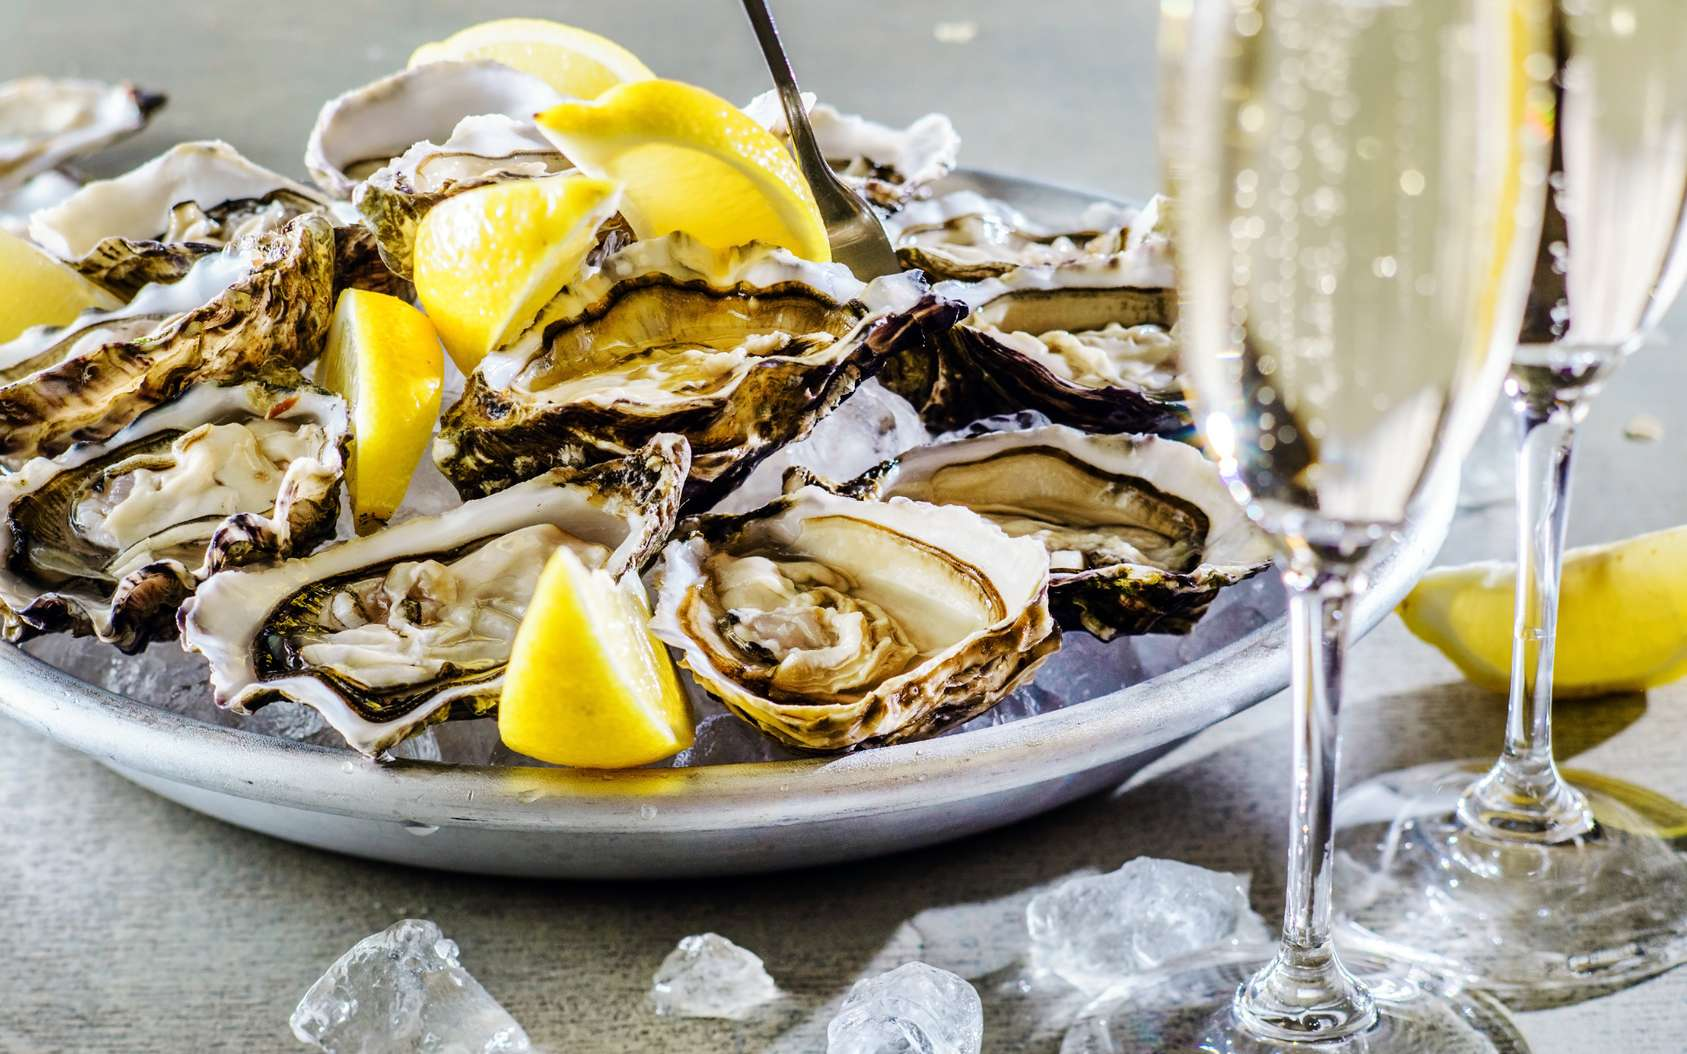 Comment ouvrir des huîtres sans se blesser. © Maksim Shebeko, Fotolia